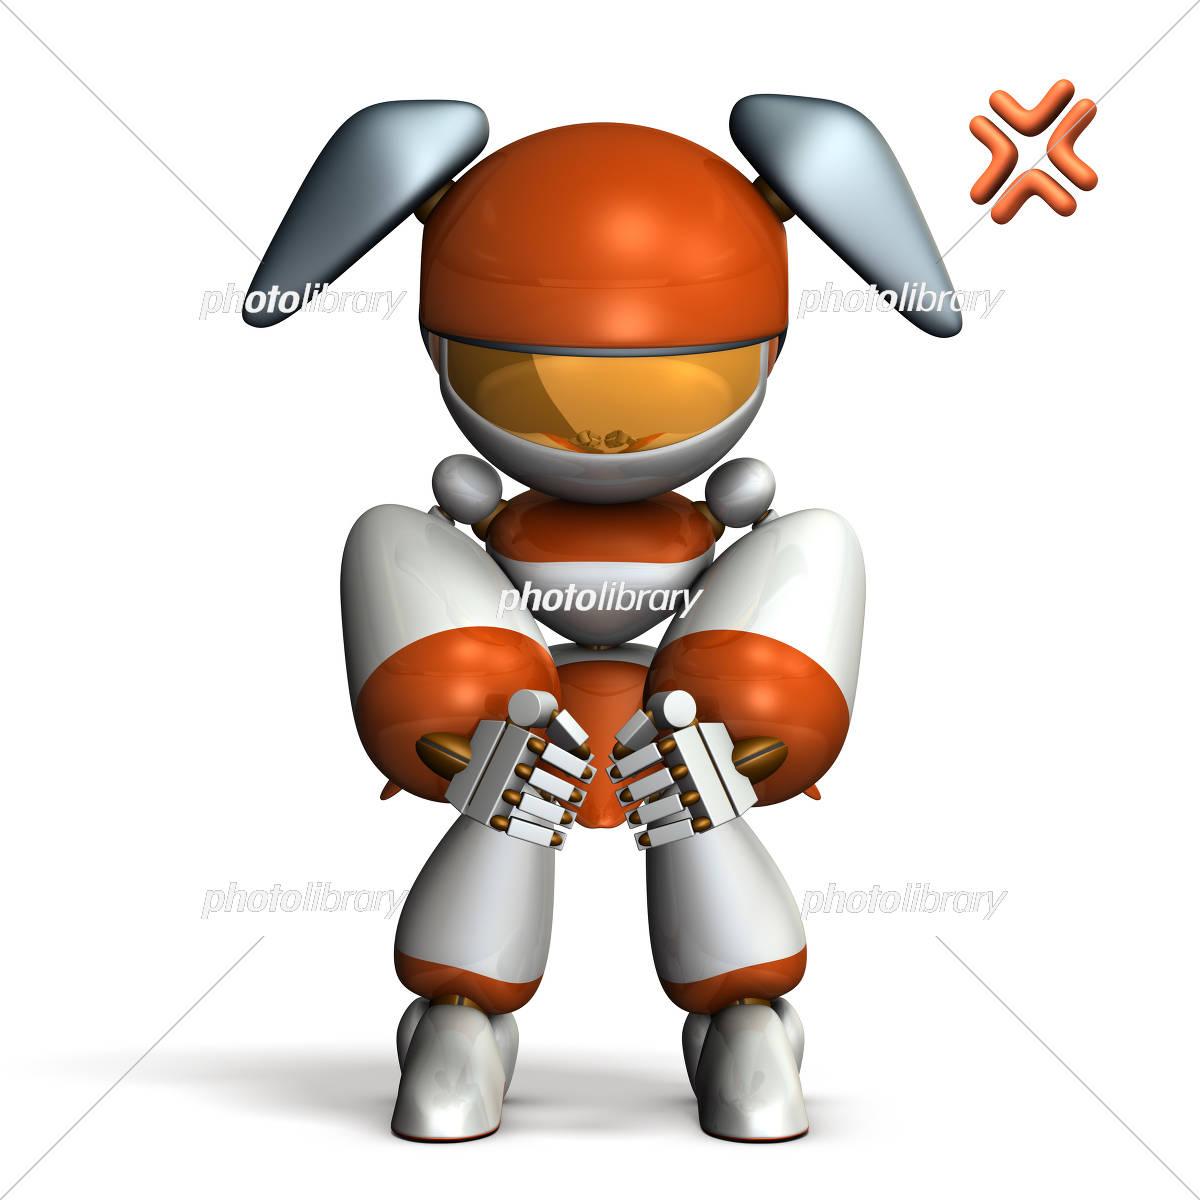 イラつくロボット イラスト素材 5089890 フォトライブラリー